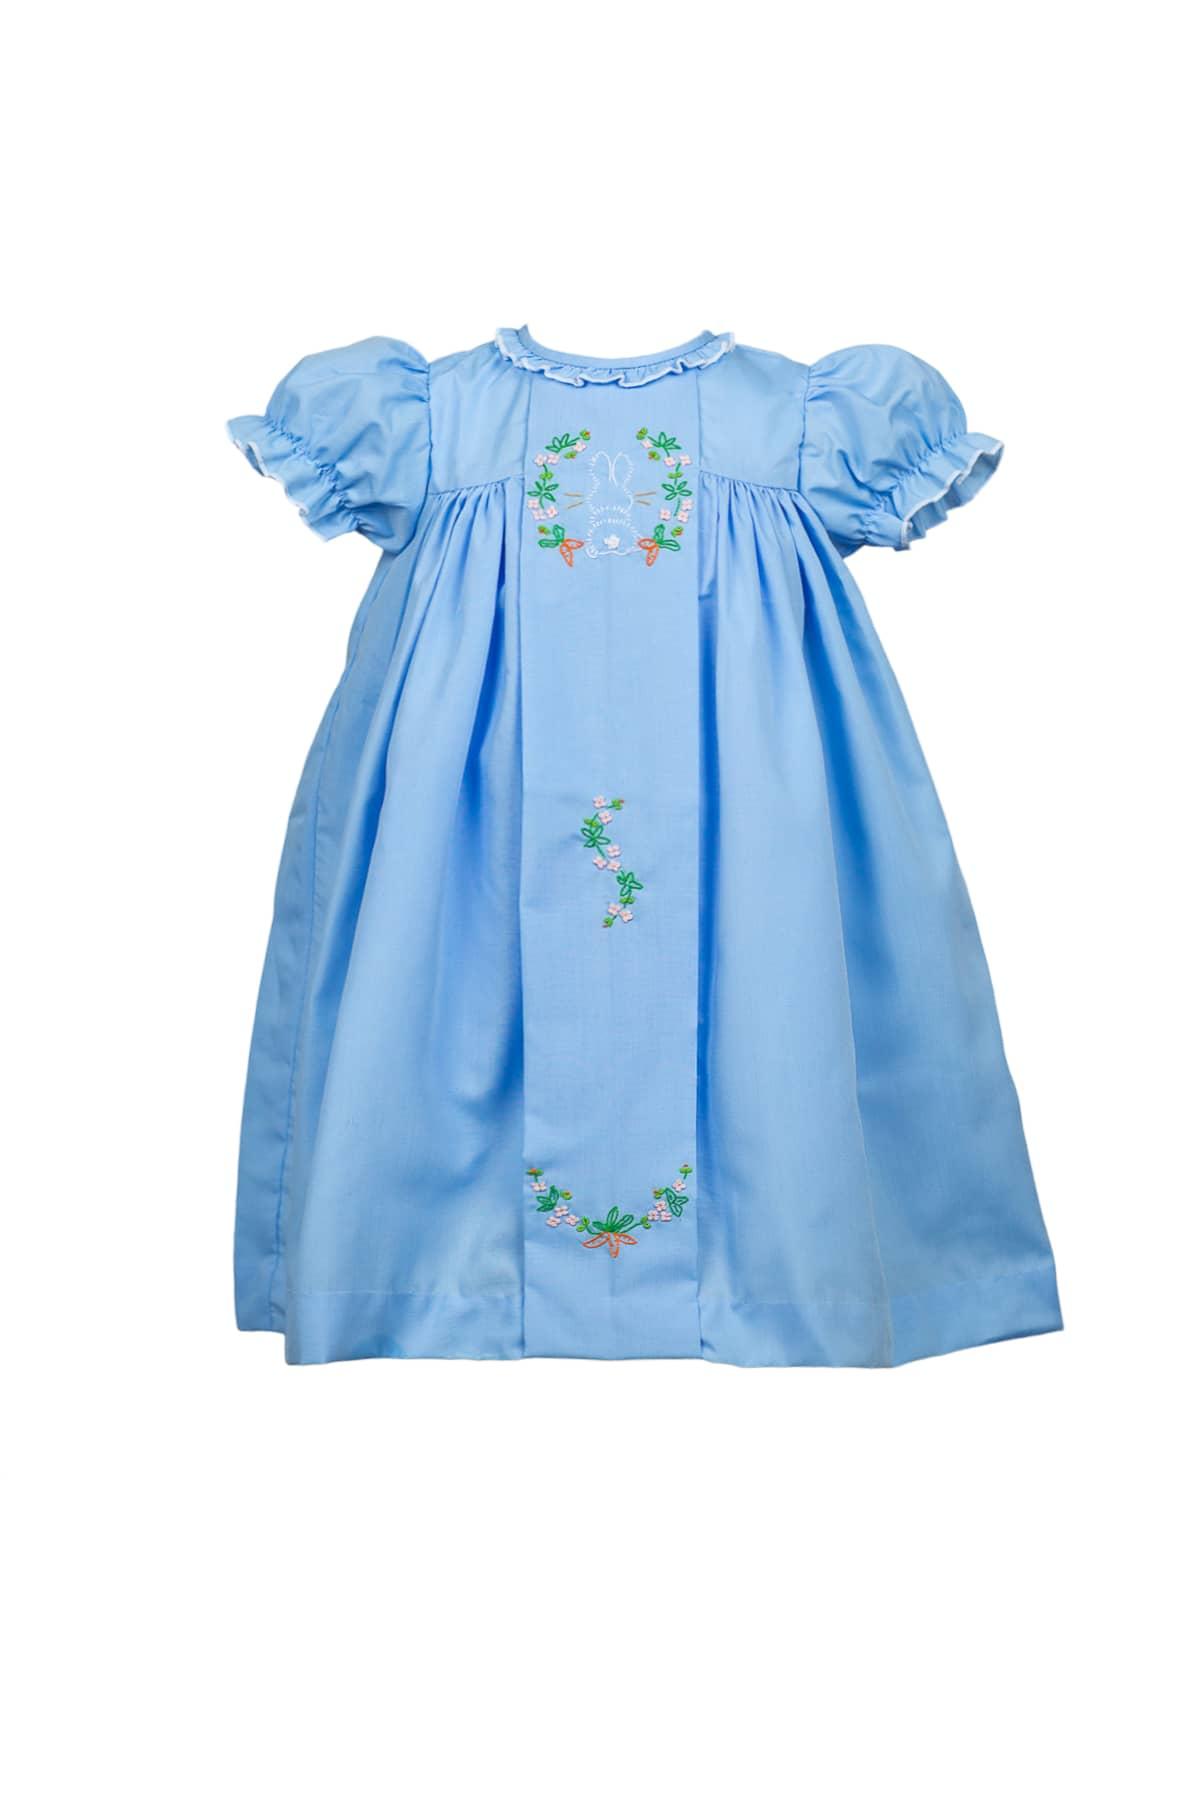 CLOVER BUNNY DRESS